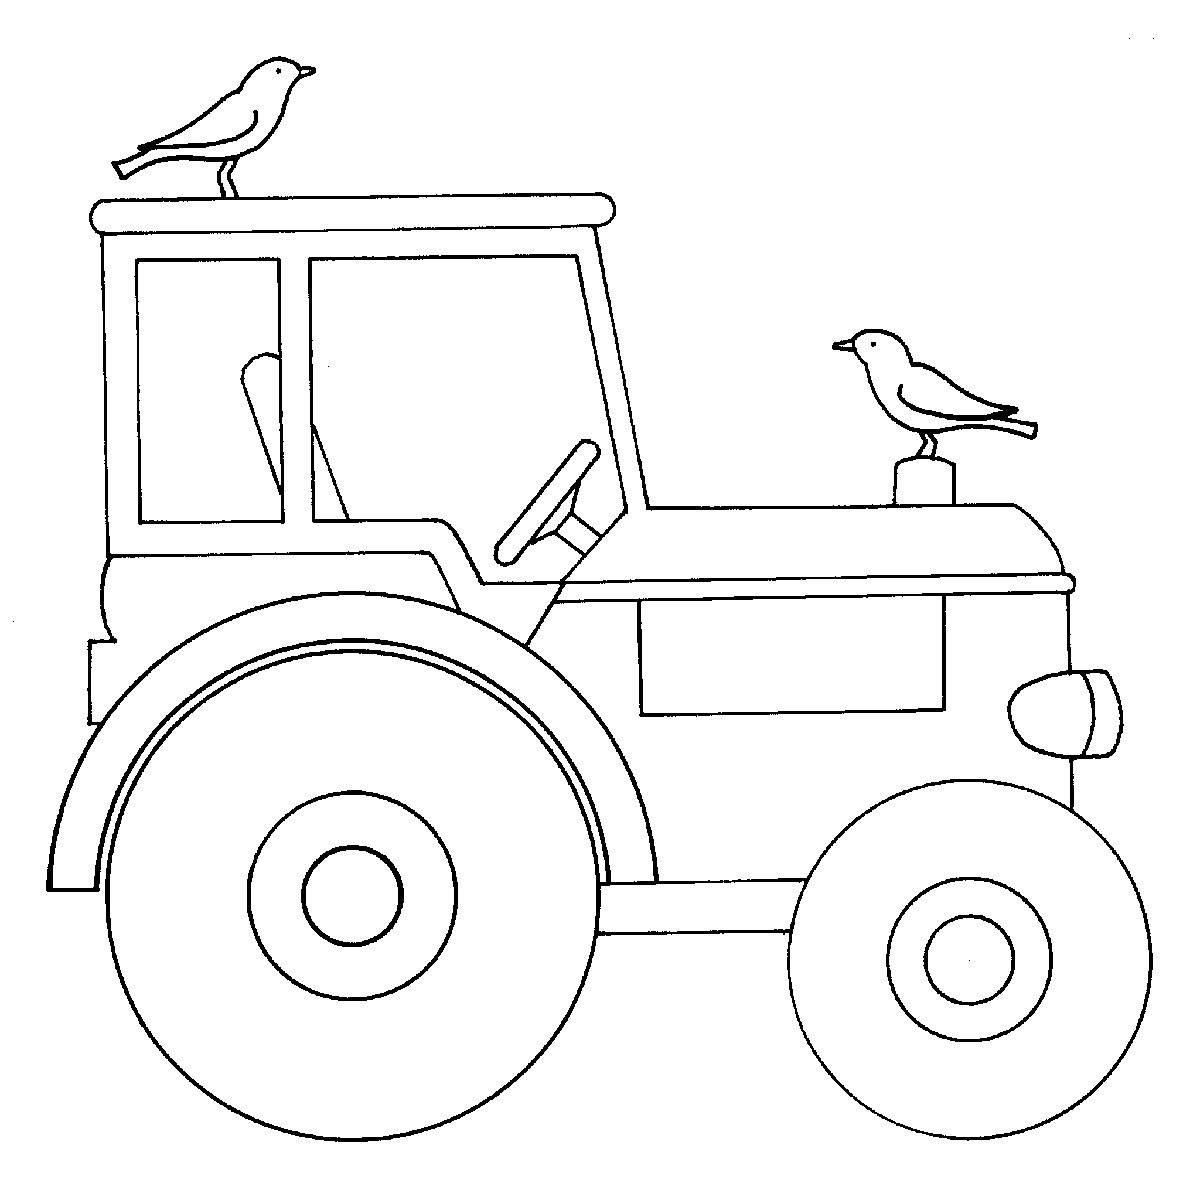 Ausmalbilder Traktor Fendt Frisch Kostenlose Malvorlage Bauernhof Traktor Zum Ausmalen Innen Bilder